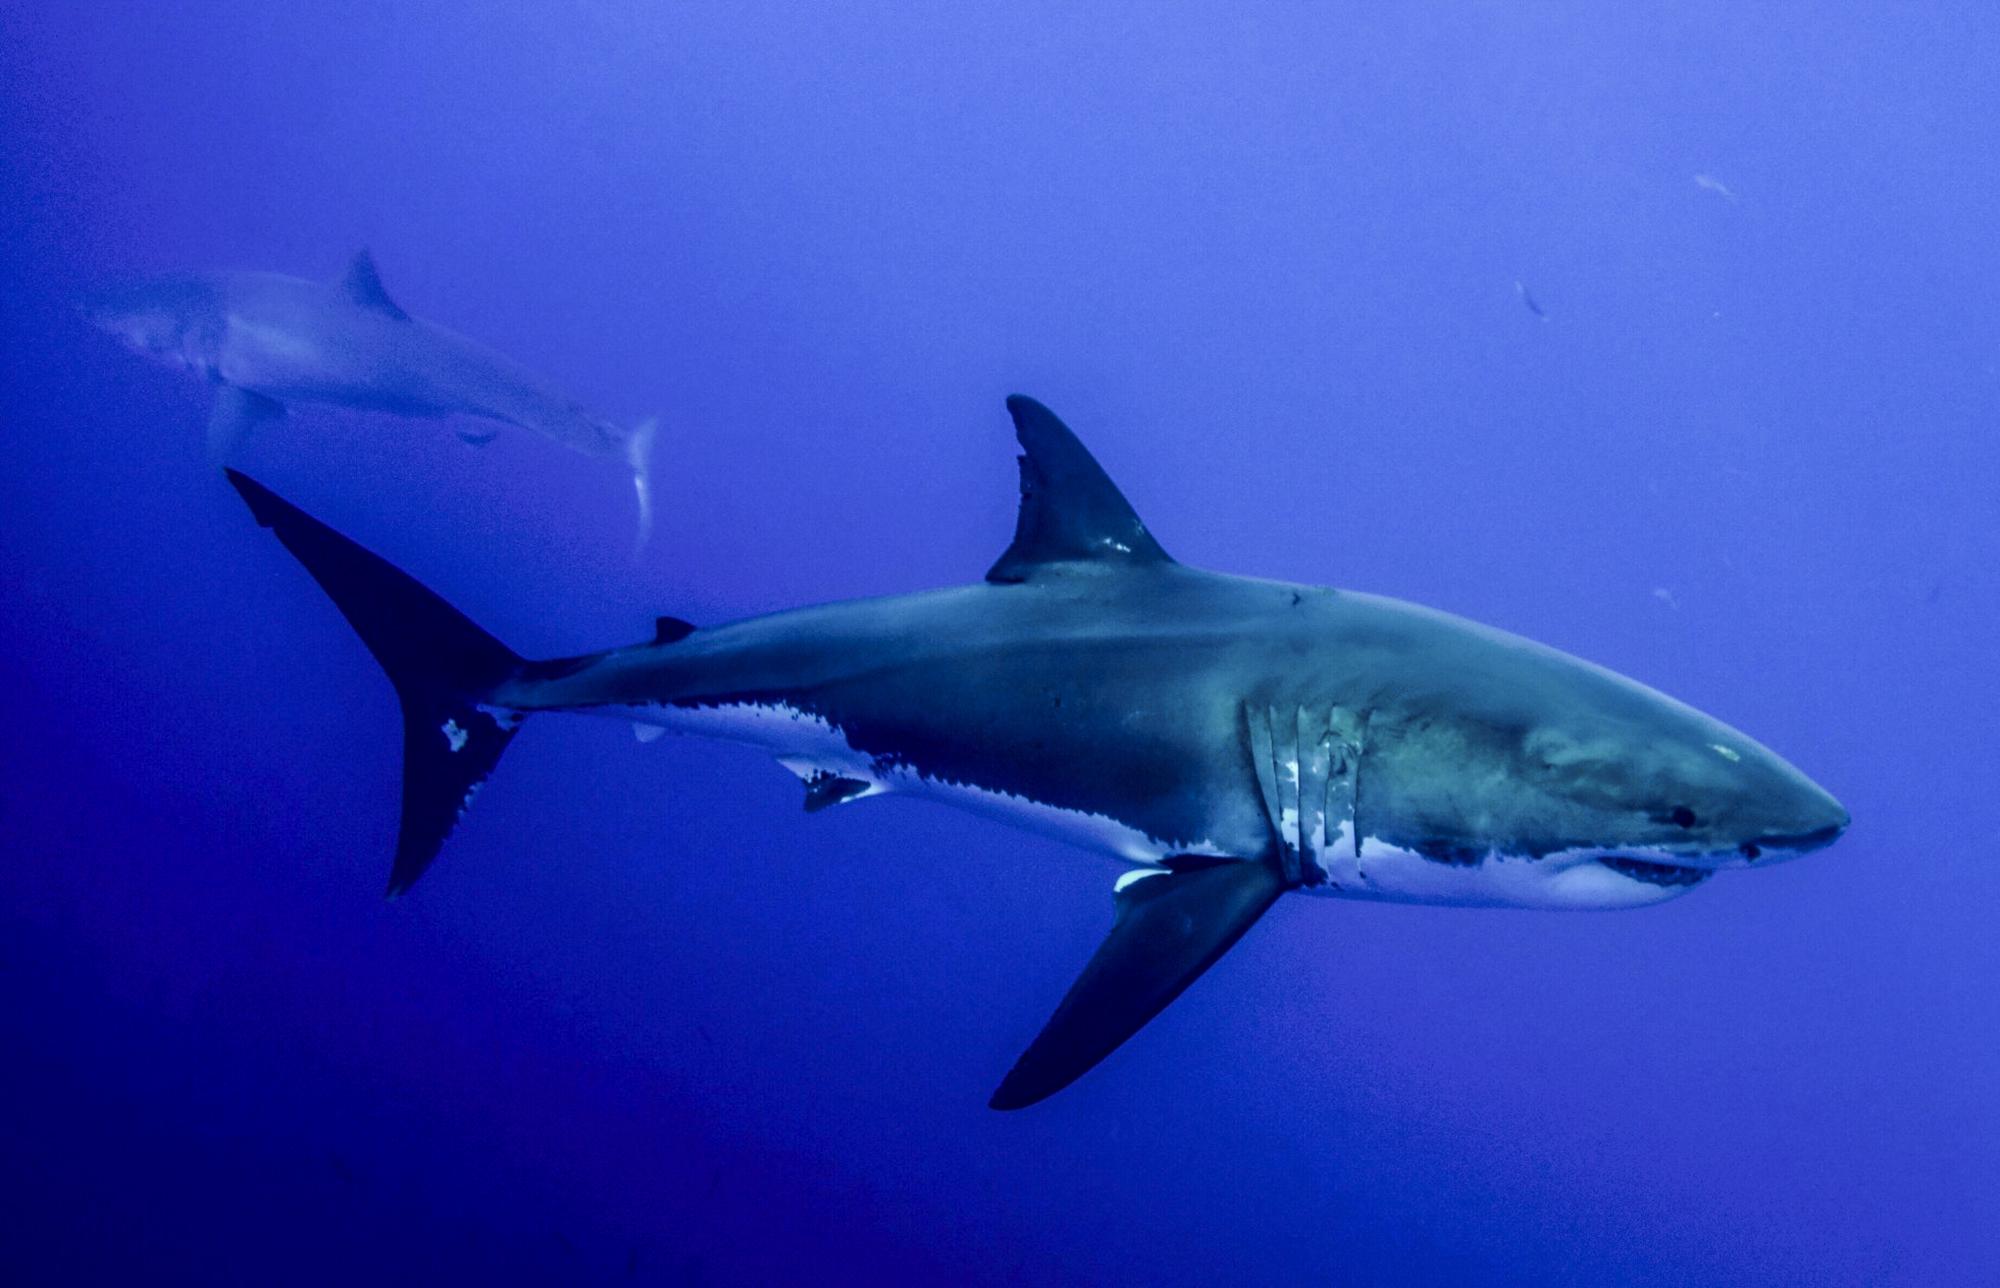 The great white shark Joker